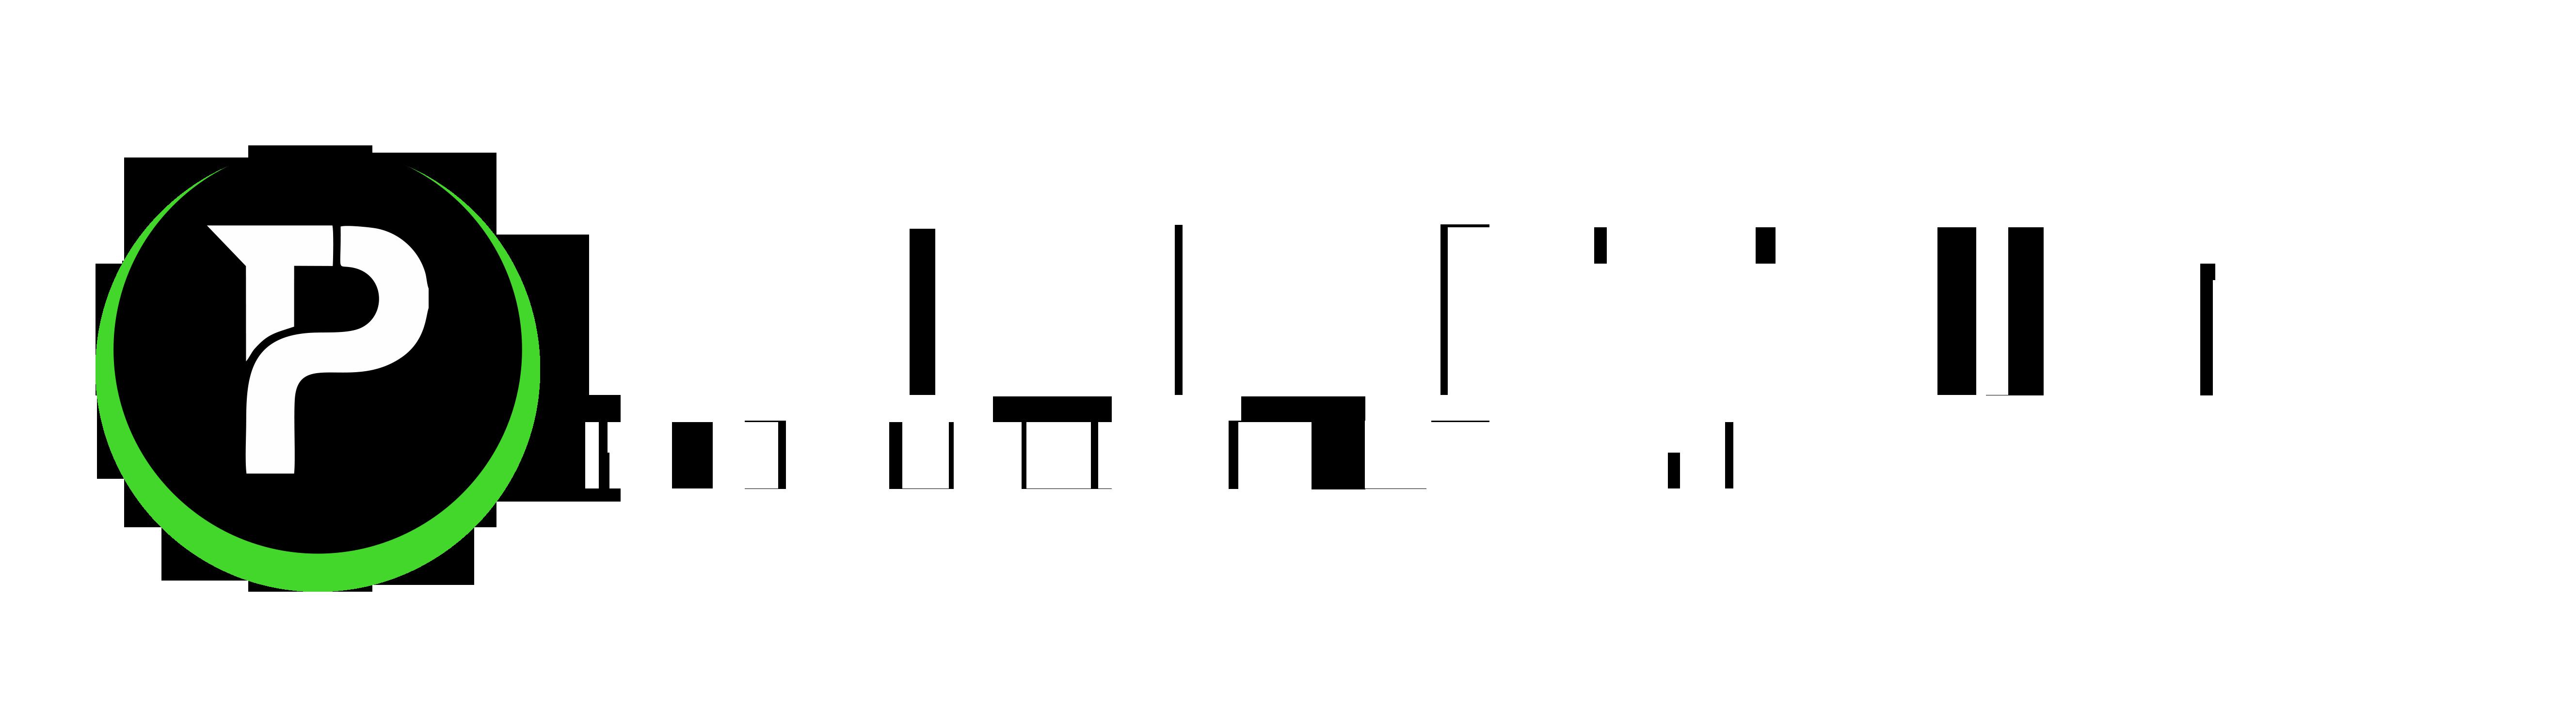 Logo of Promethium RPO